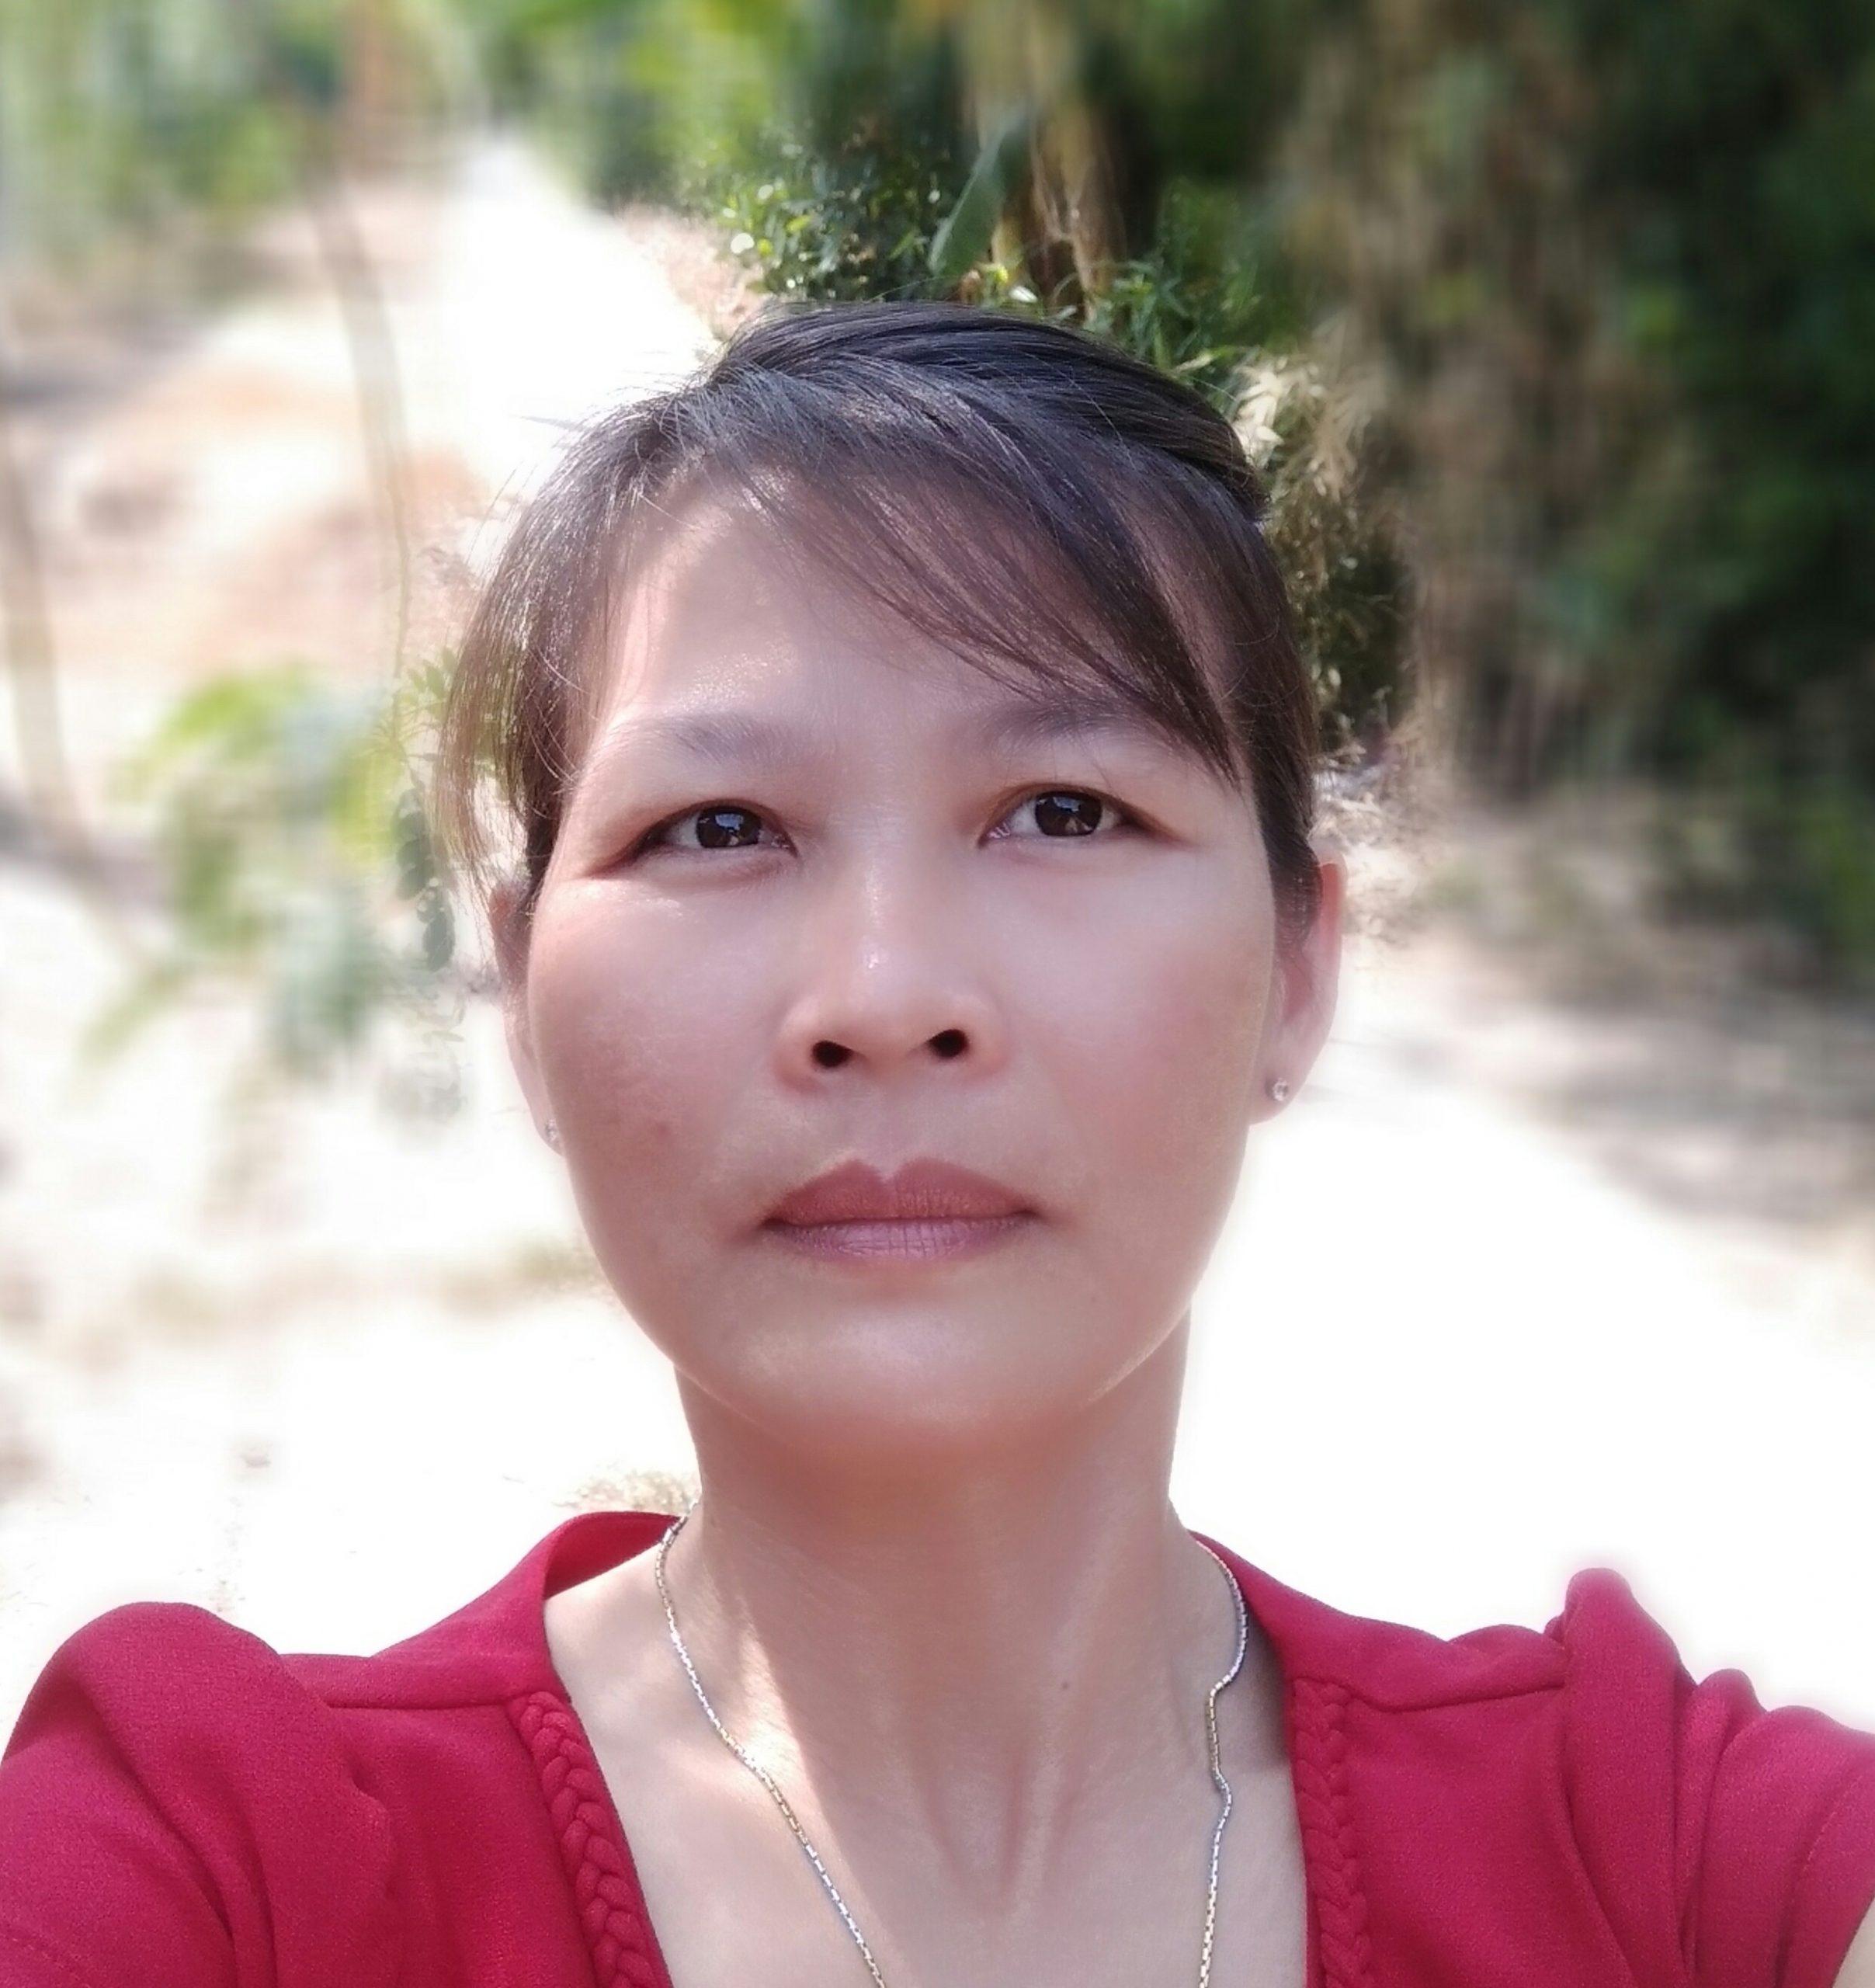 IMG20200124120508 scaled - Chiều nay, Tết đã Ba mươi - Thơ Hương Tràm